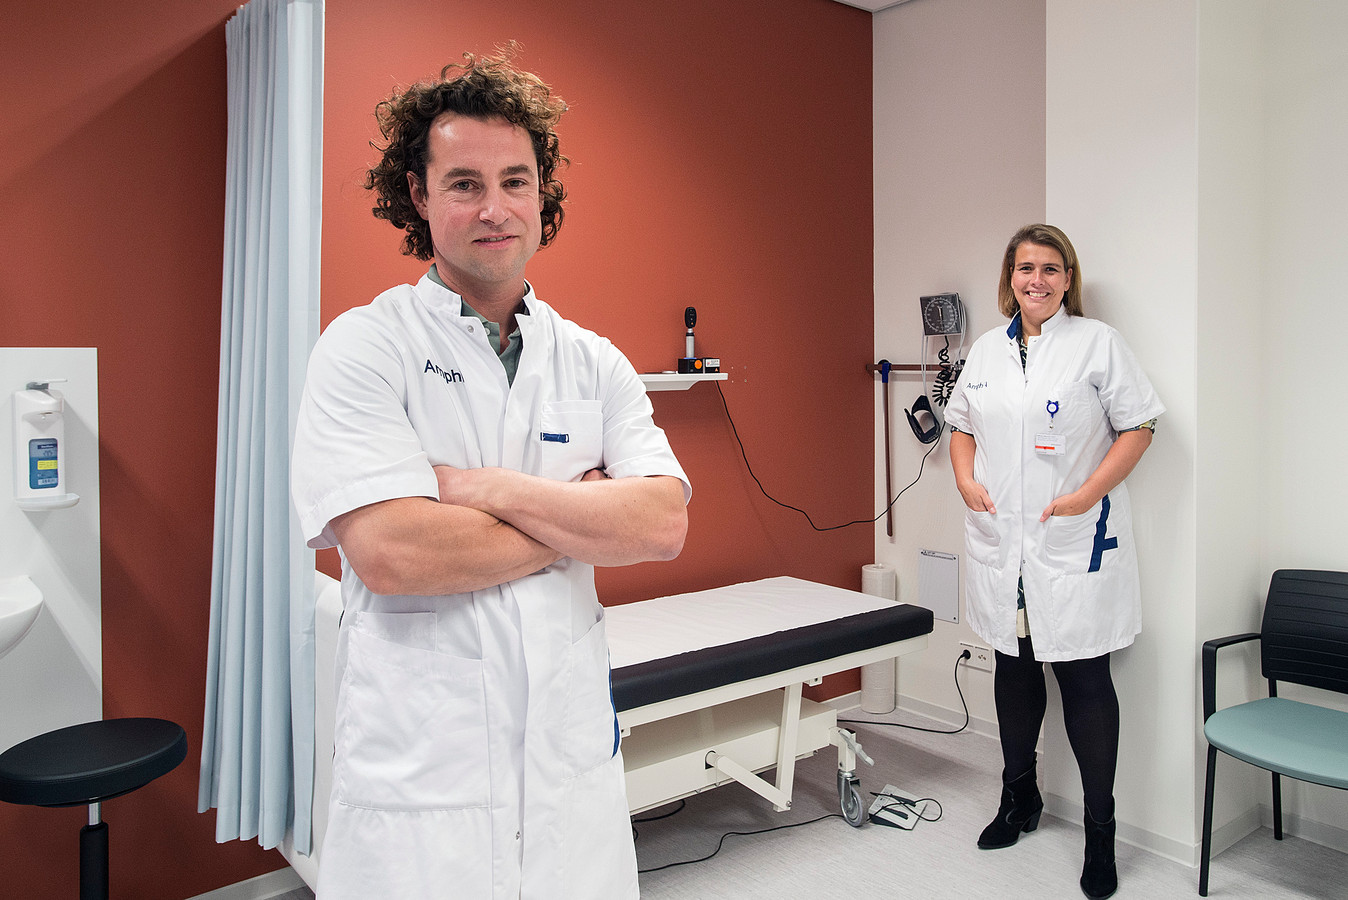 De Amphia-specialisten Thijs de Wit en Anouk van Norden   ...dat in de eerste coronagolf veel patiënten niet meer zijn gekomen is voor een aantal heel schadelijk geweest...